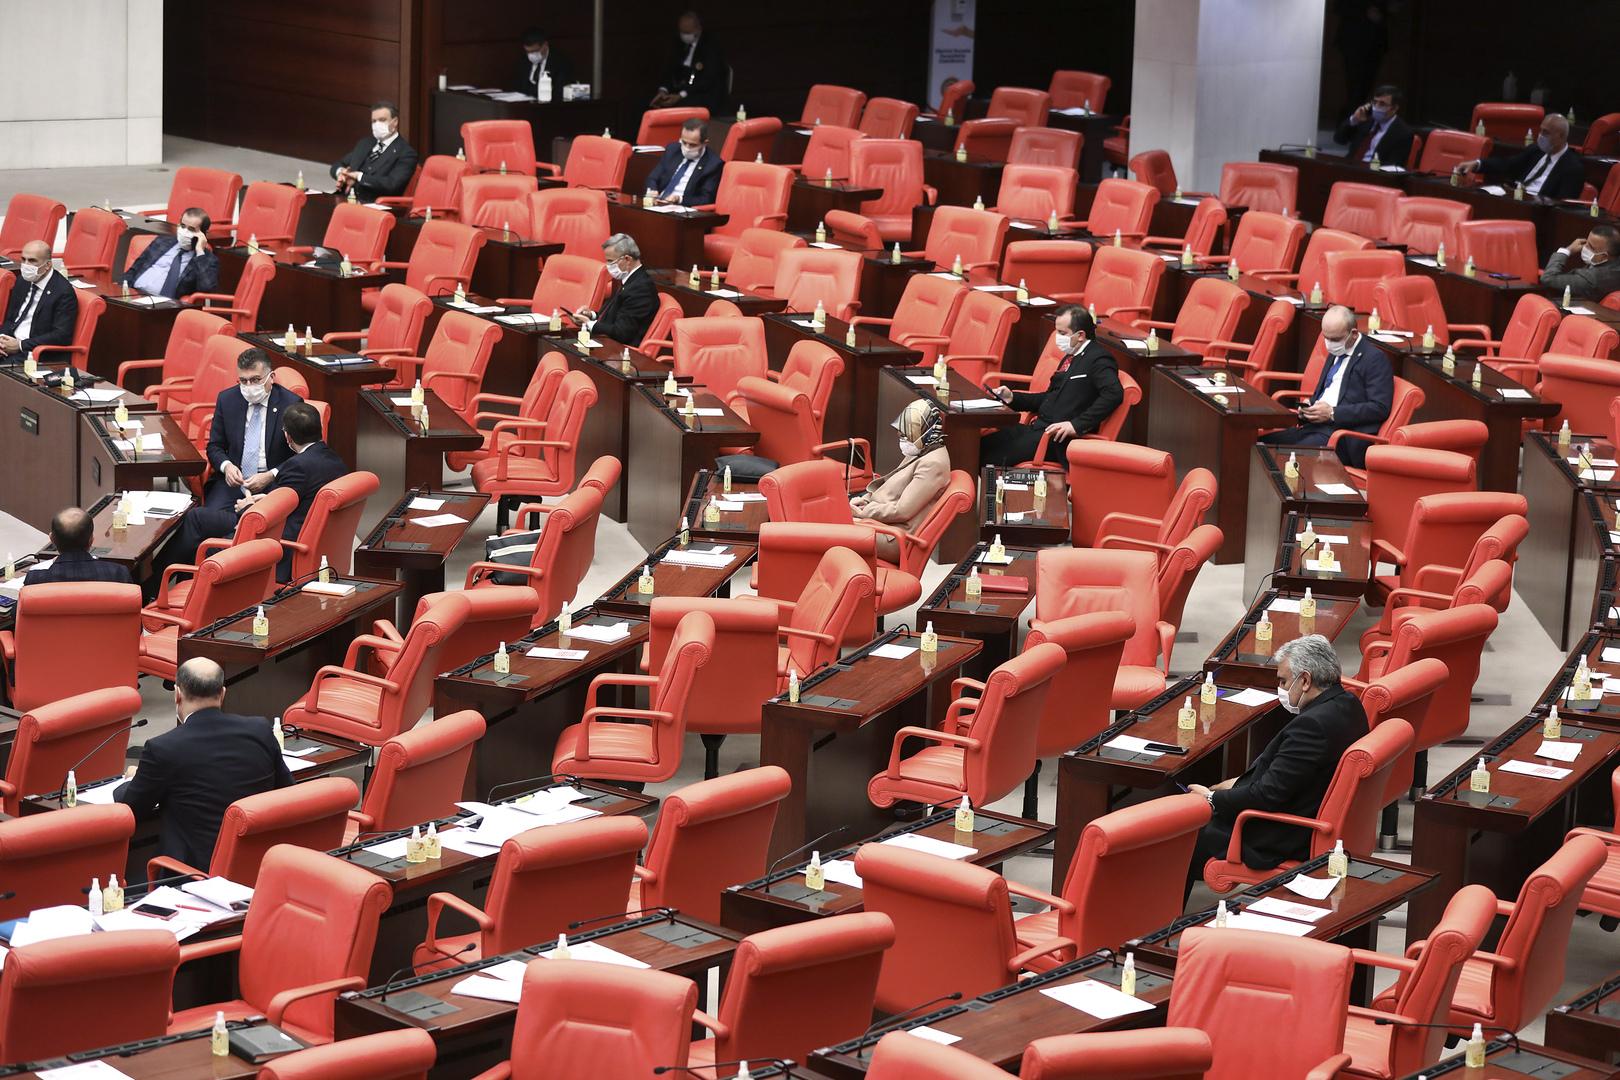 البرلمان التركي يقر تشريعا للإفراج عن عشرات آلاف السجناء بسبب كورونا